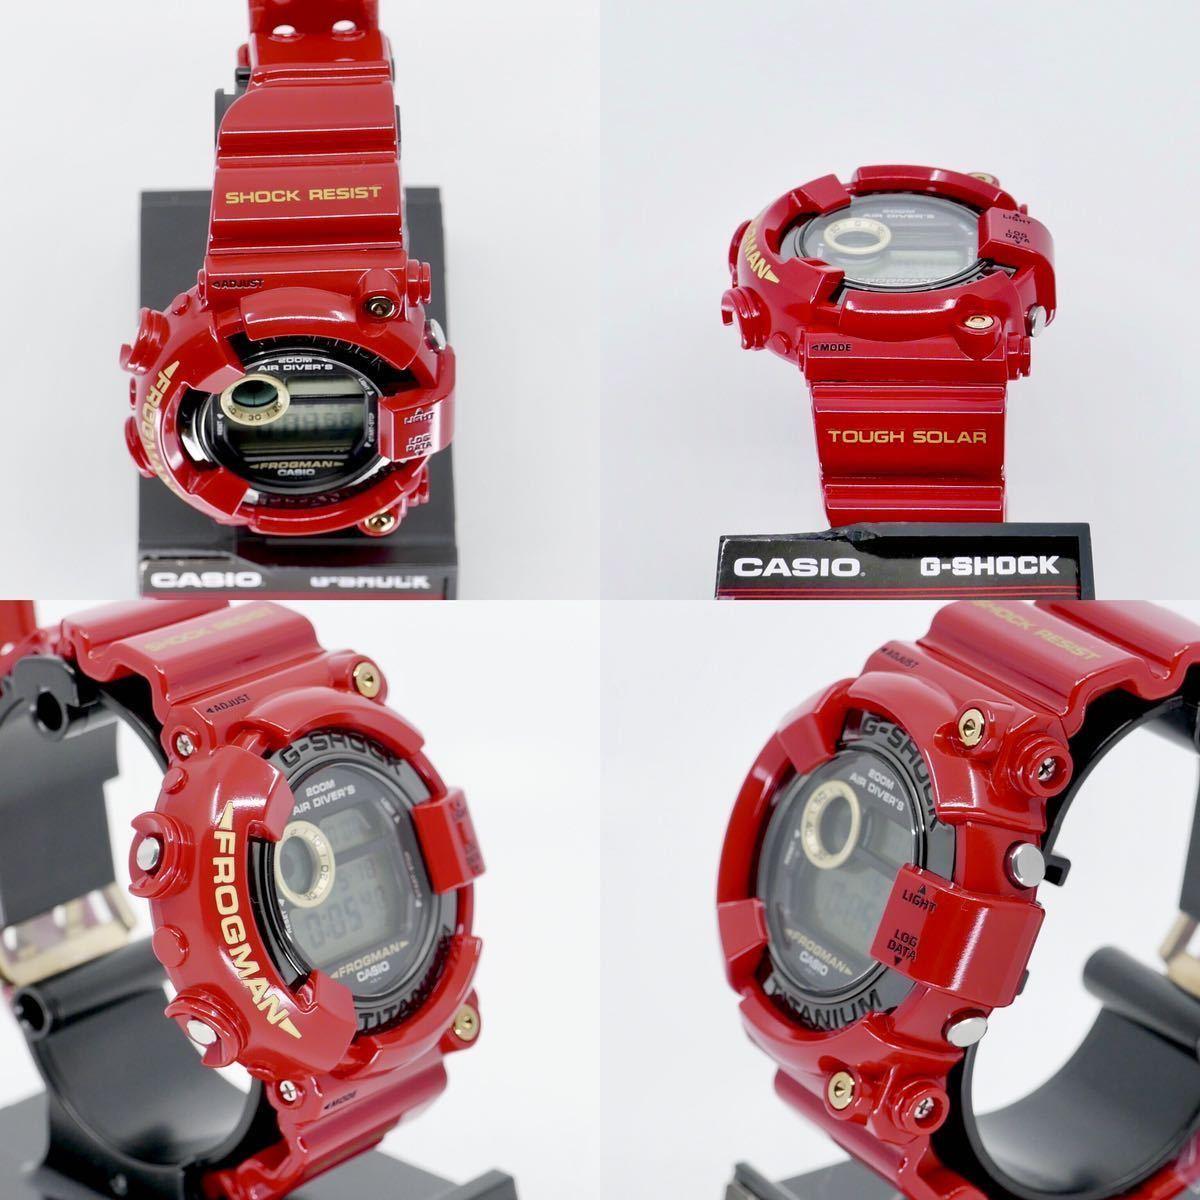 【極美品】シャイニーレッド ブラックフロッグマン DW-8200BM MIB2極美品モジュール GF-8230新品ベルベゼ カスタム DW-8201 8250シリーズ_様々な角度から状態を確認下さい